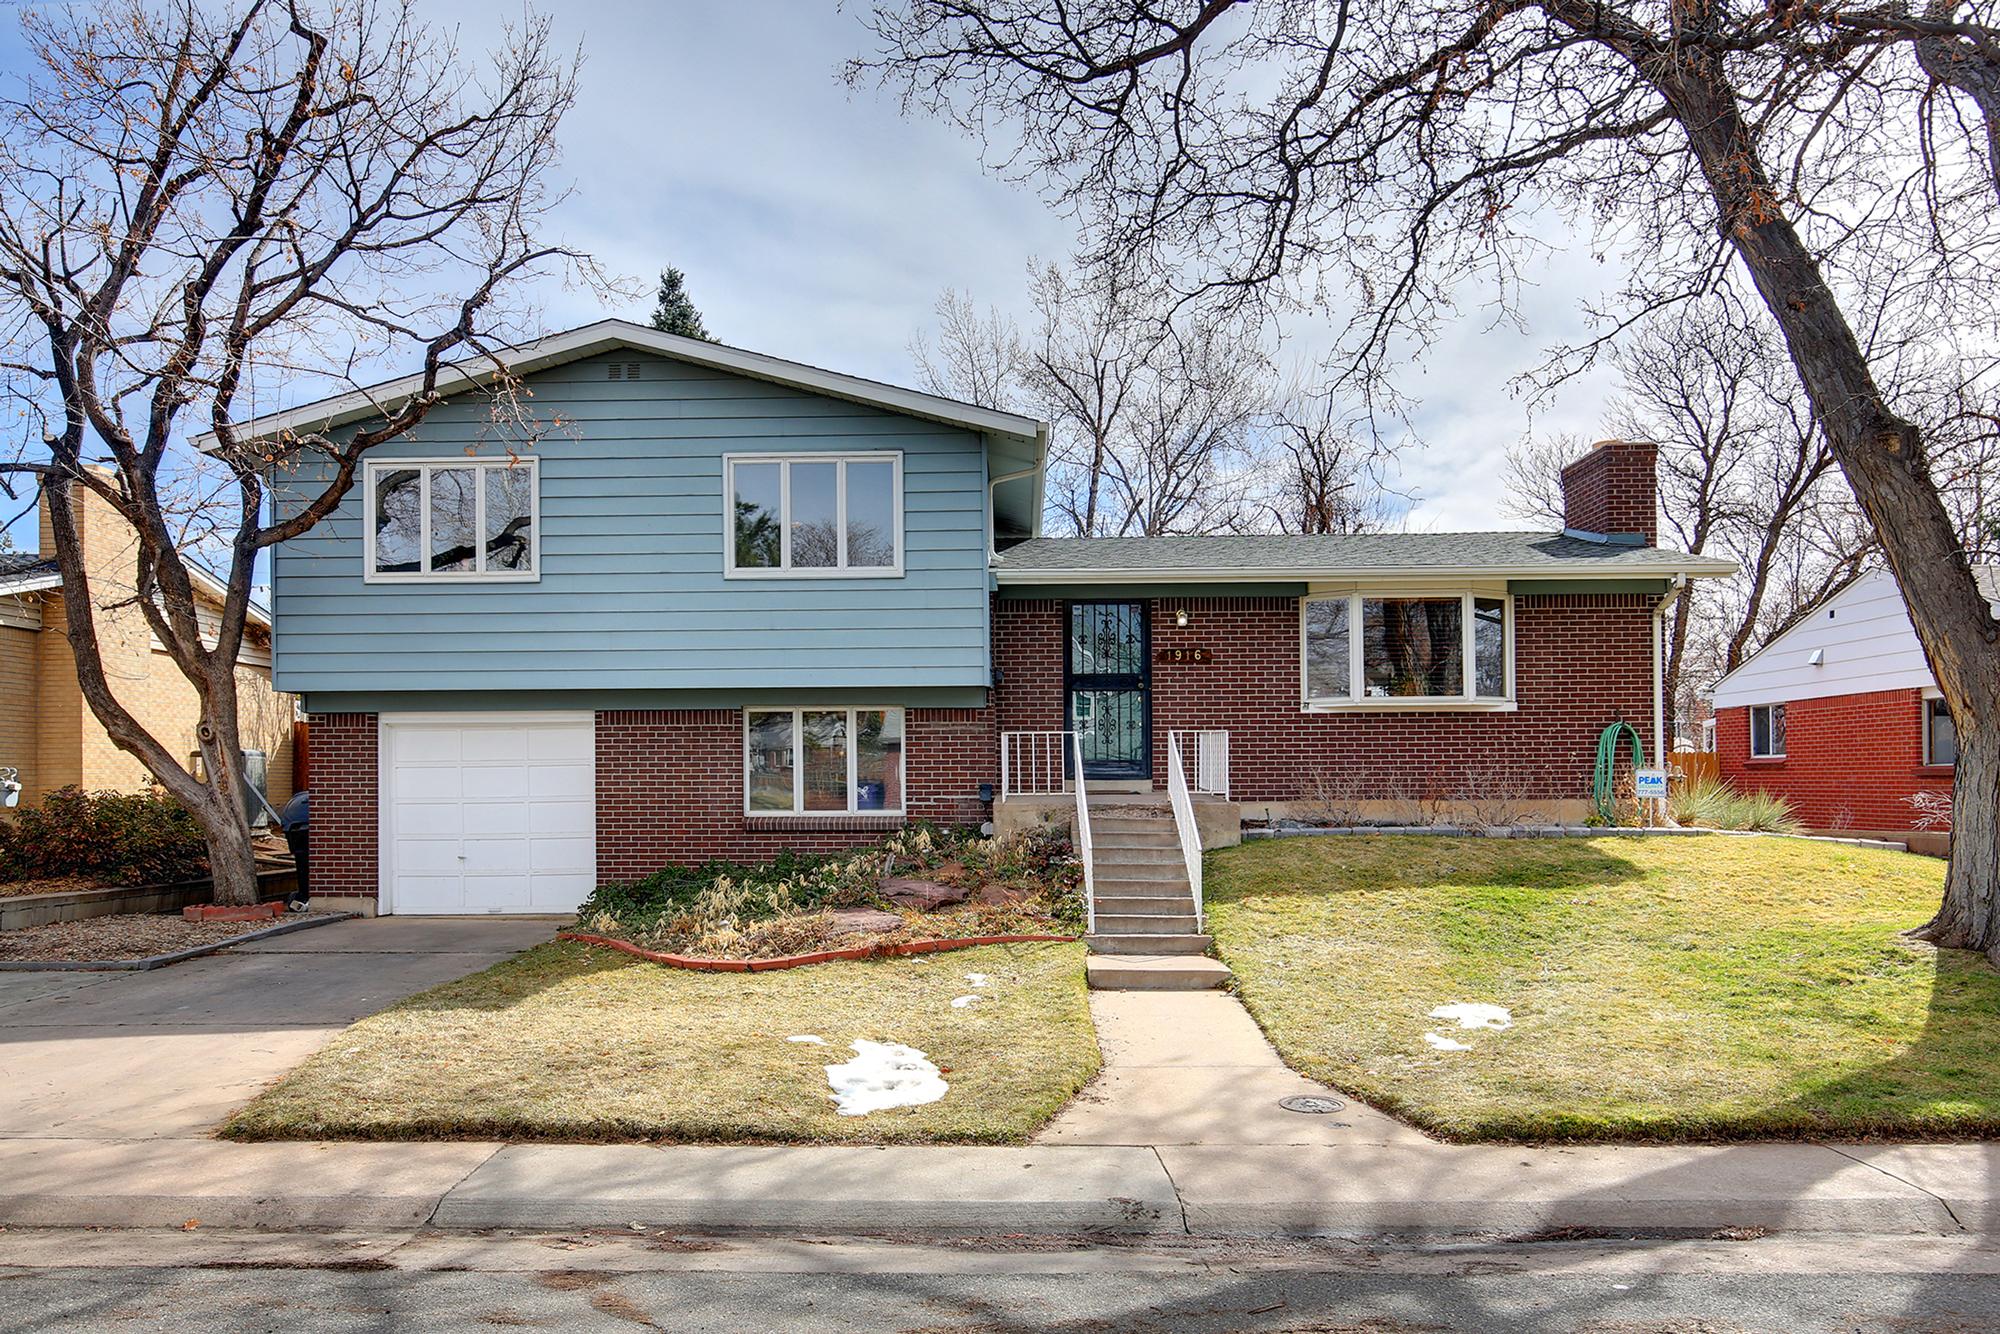 Homes for sale Virginia Village Denver